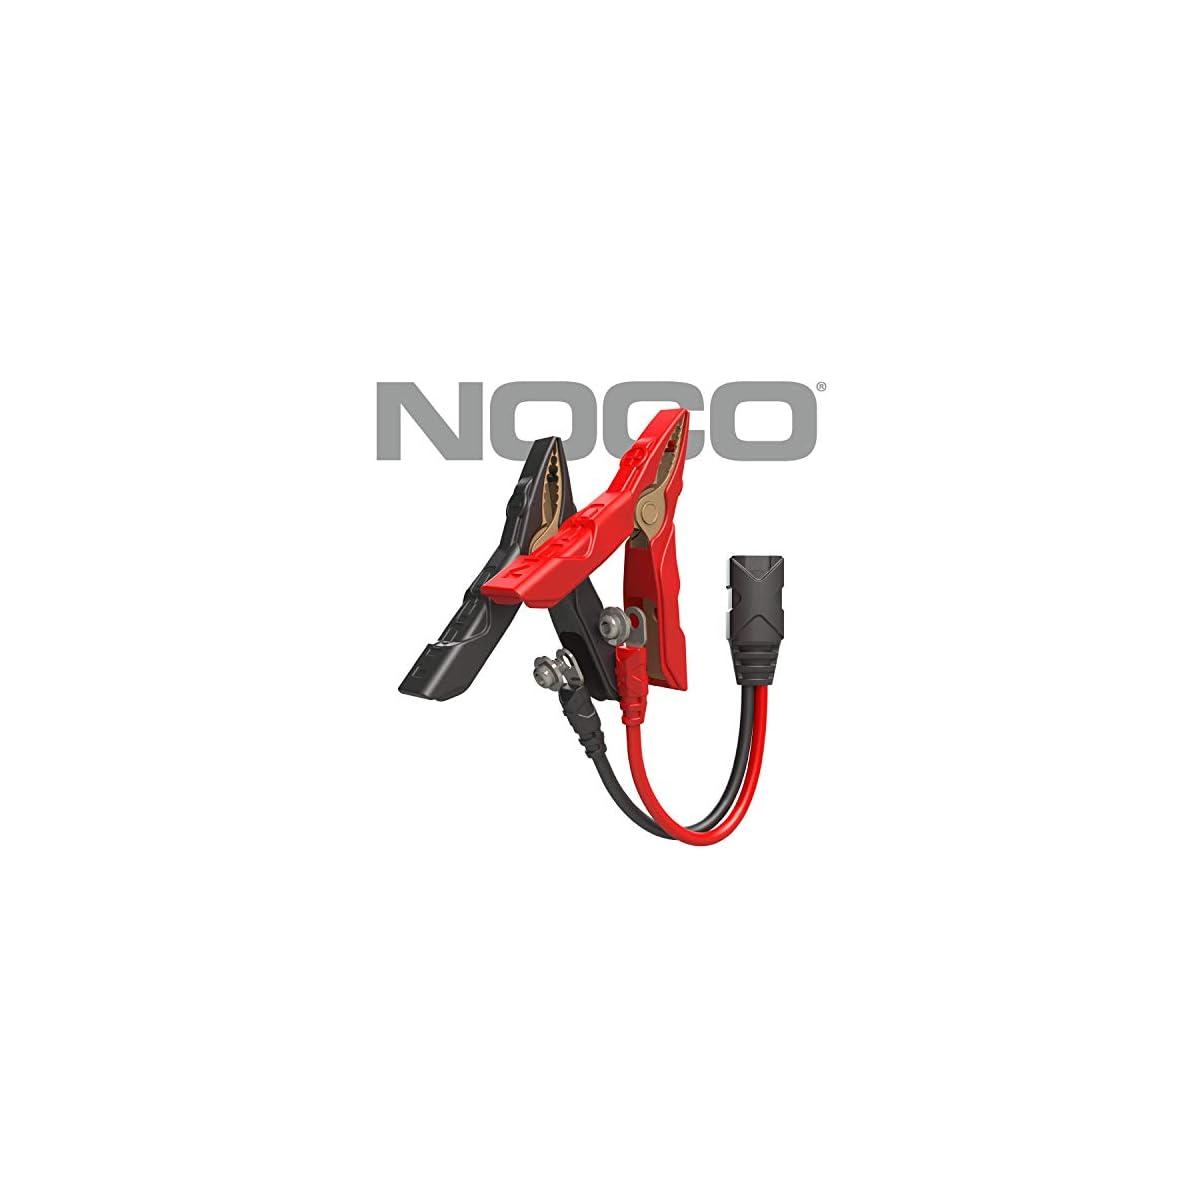 41PVH8RYDeL. SS1200  - NOCO GBC002 Accesorio de Abrazadera de batería Deportiva de Repuesto, Boost Sport Clamps